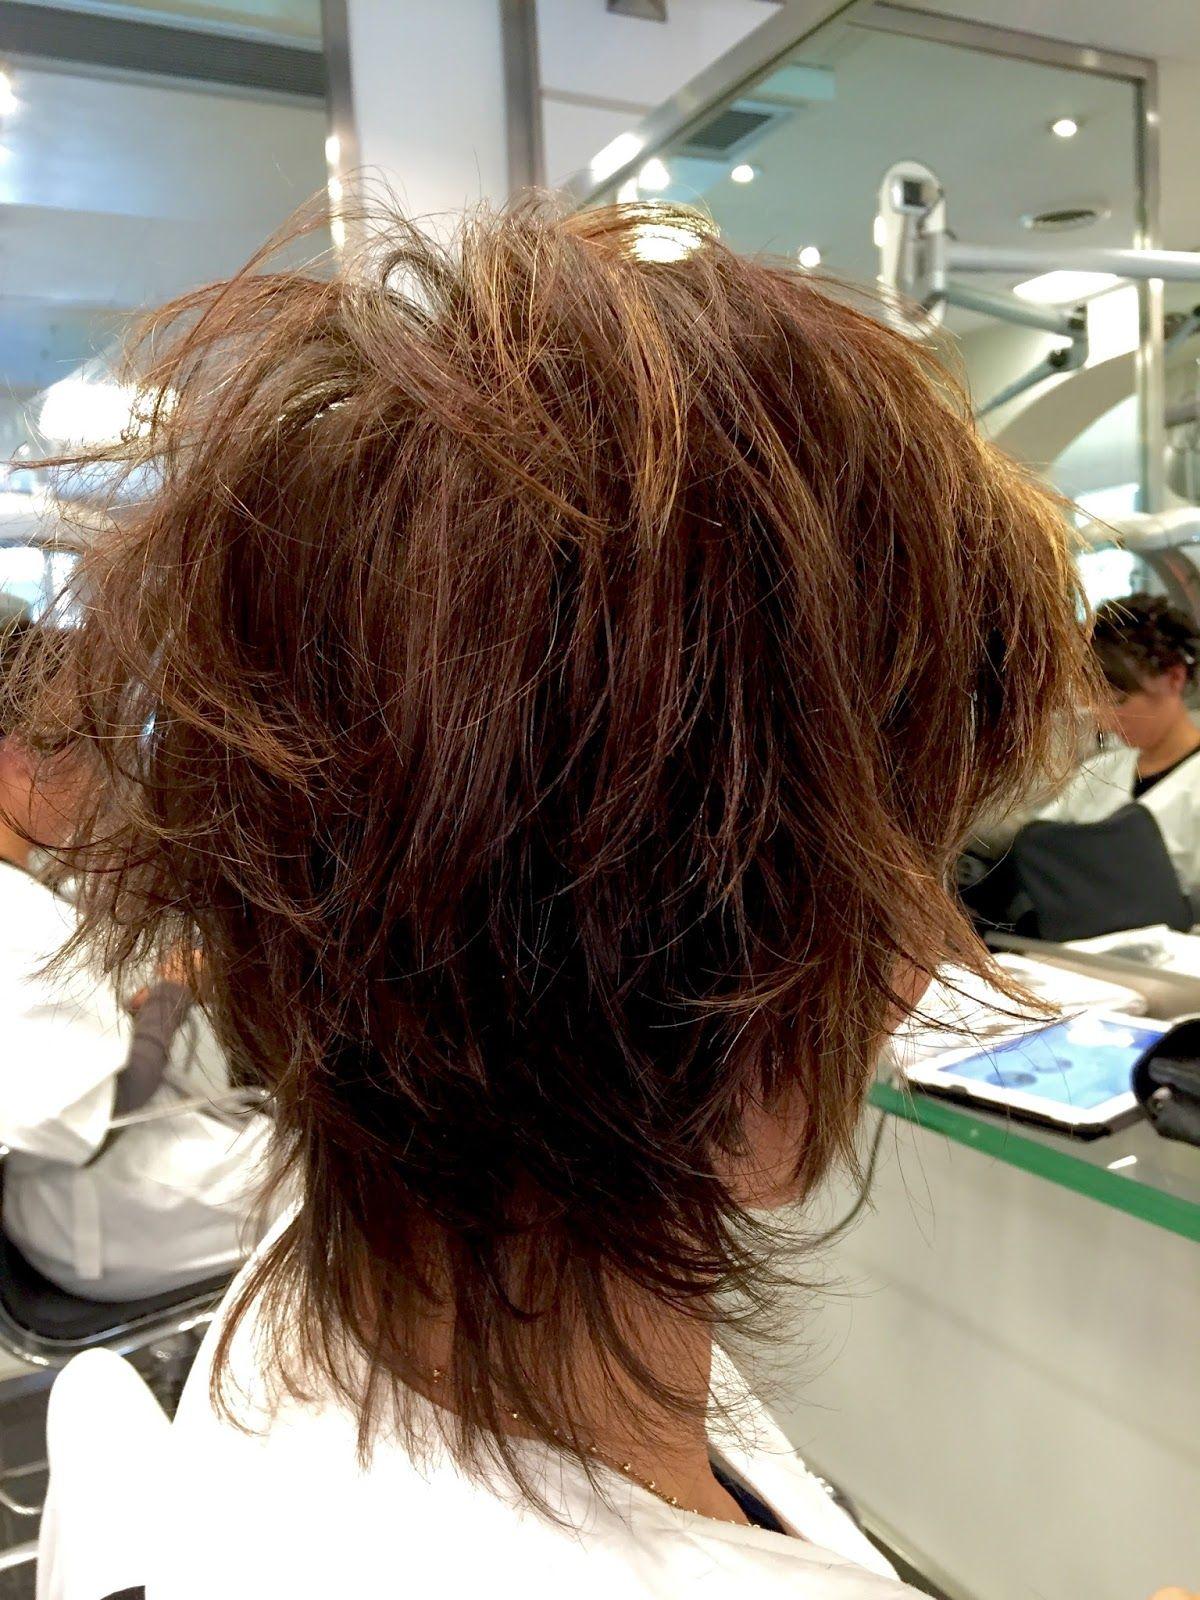 Renato coiffeur hair style firenze parrucchiere da anni con uno